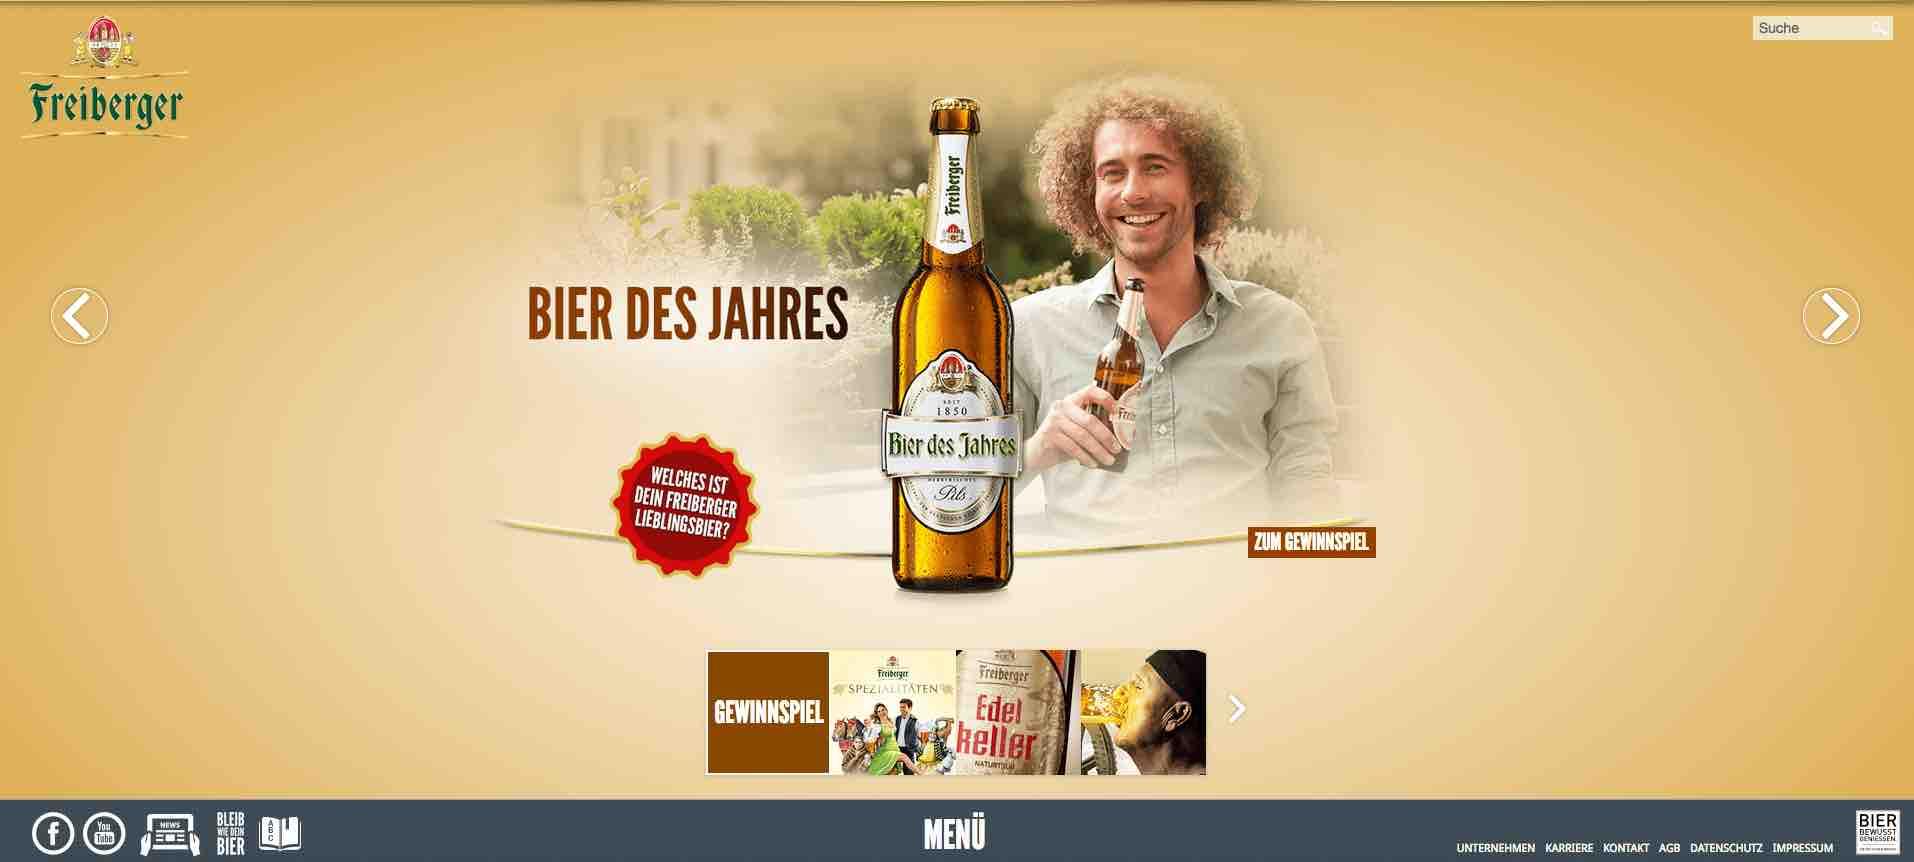 Freiberger Bier des Jahres Gewinnspiel   1 Jahr kostenlos